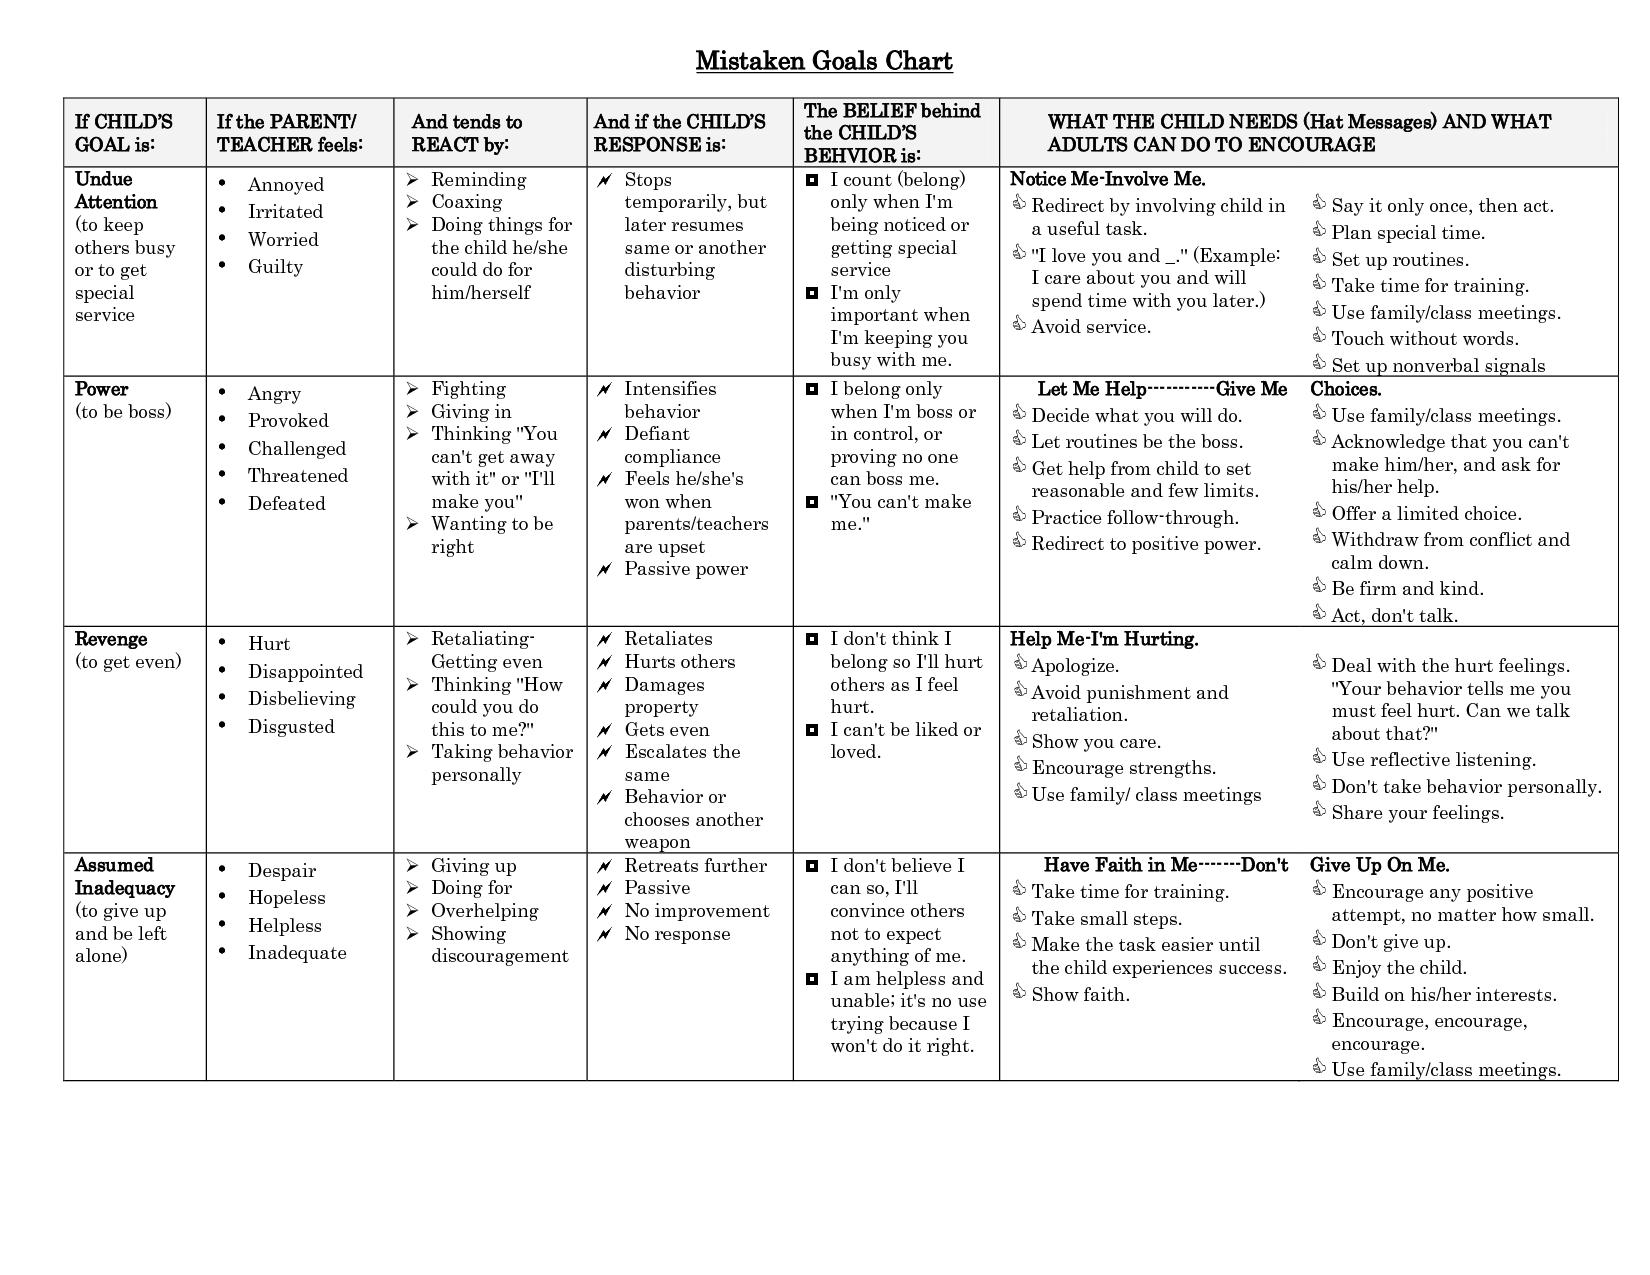 Mistaken Goals Of Misbehavior Chart